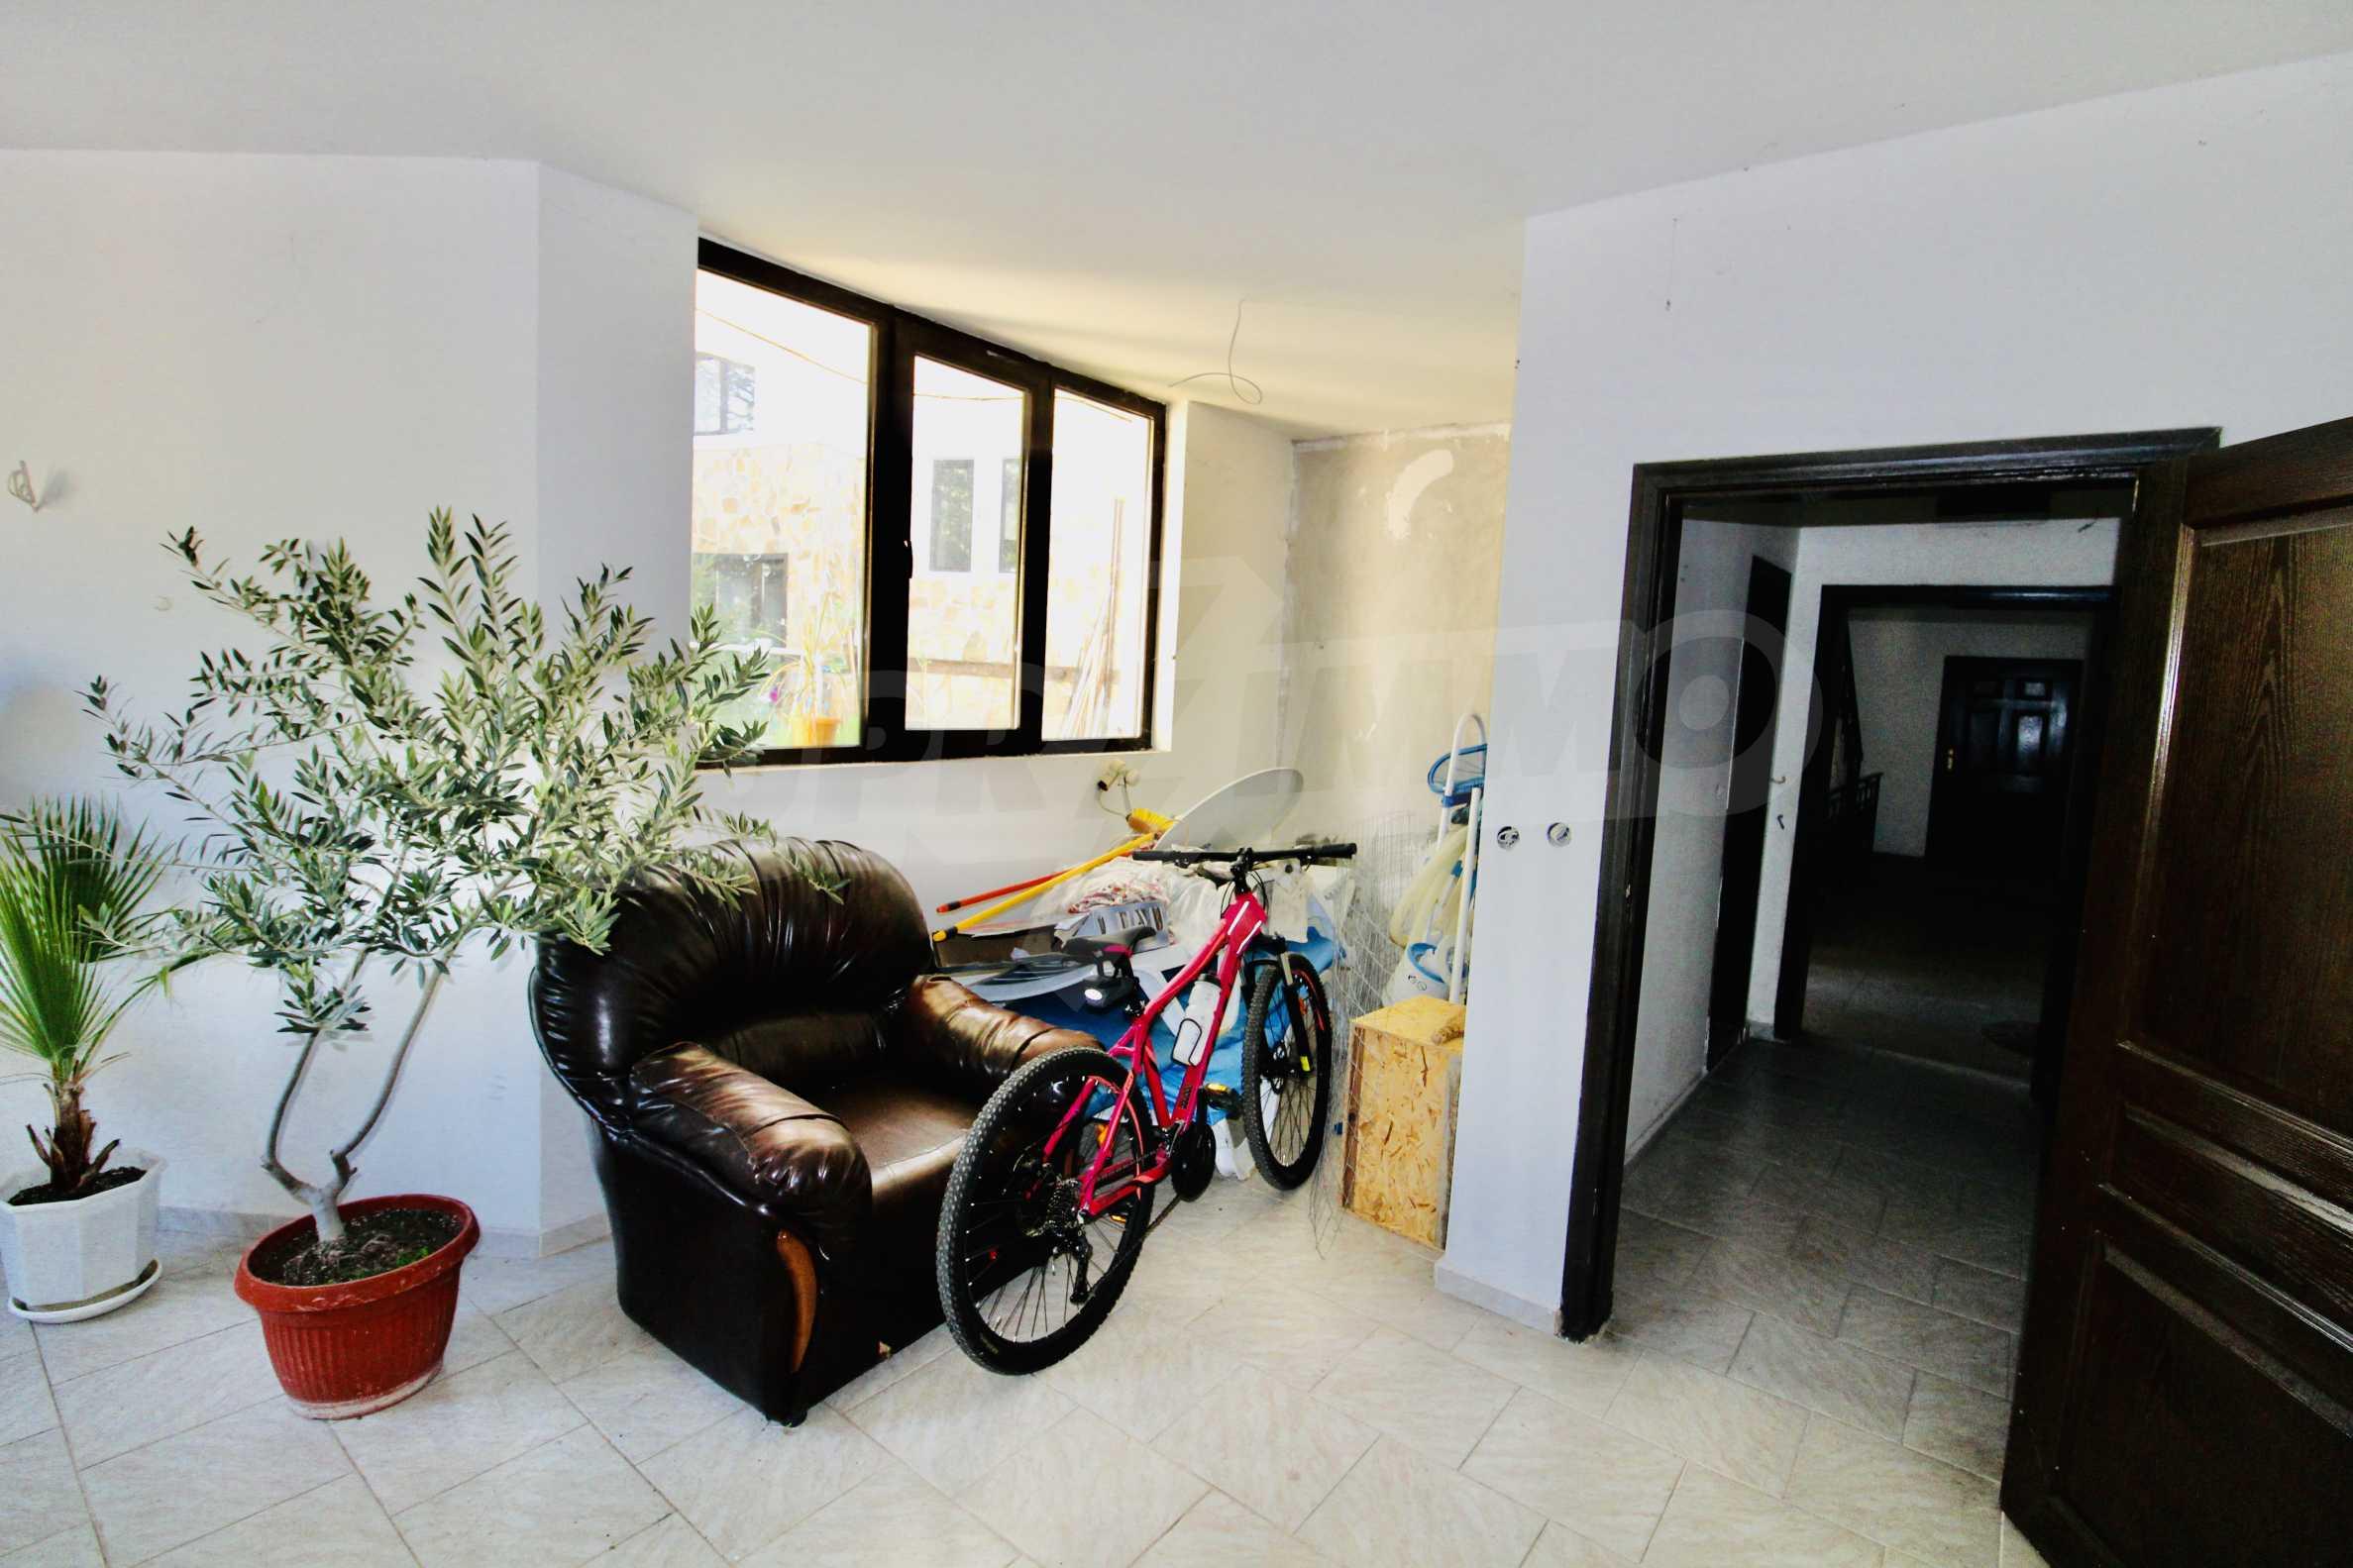 Zwei-Zimmer-Wohnung mit Parkplatz und Keller in der berühmten architektonischen Reserve Arbanassi 3